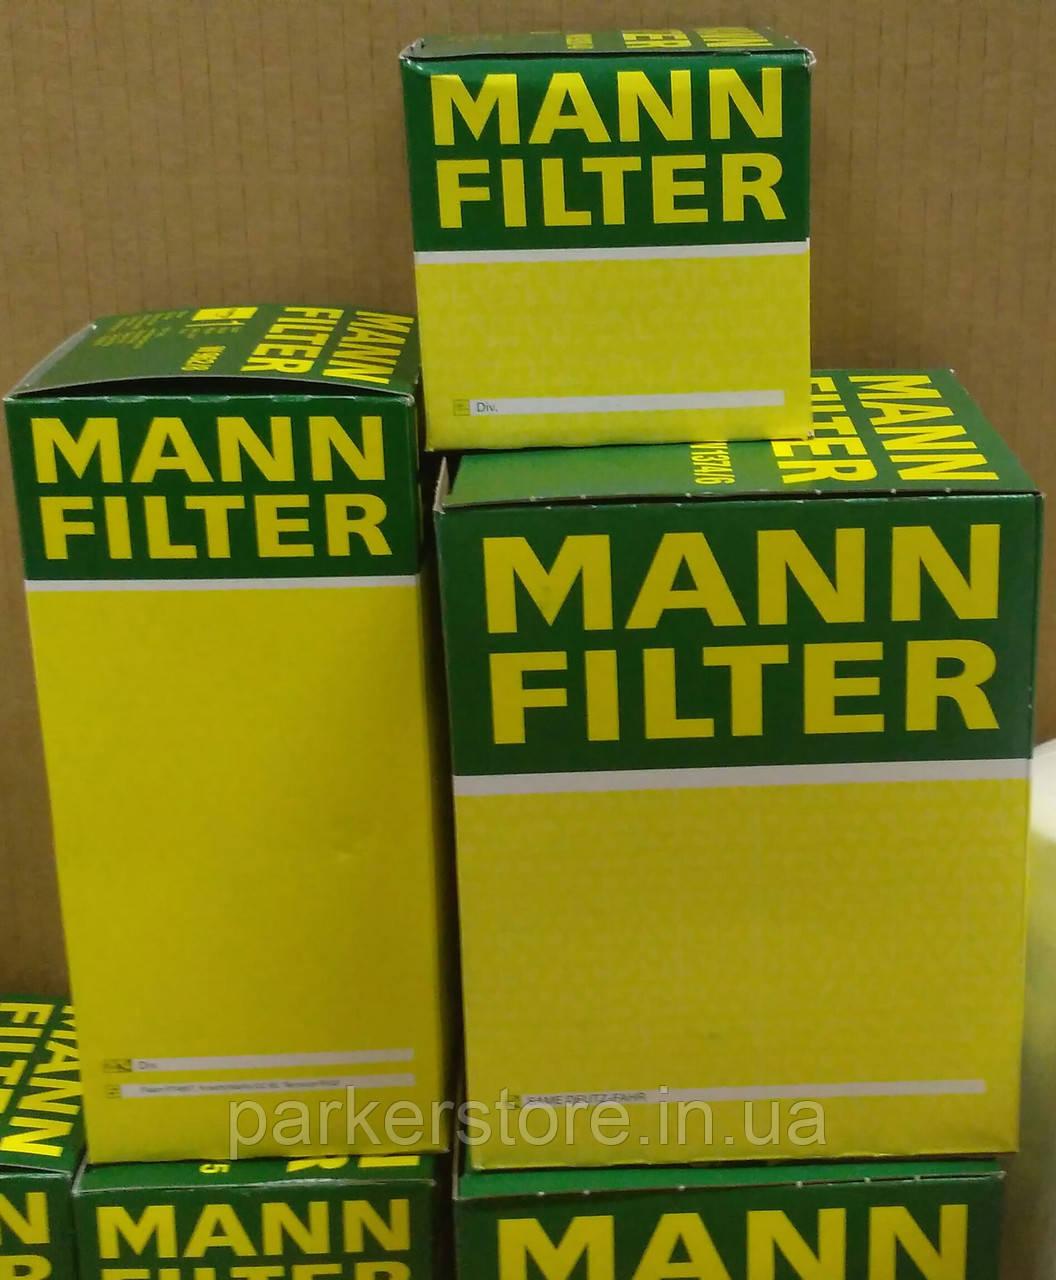 MANN FILTER / Воздушный фильтр / C 31 013 / C31013